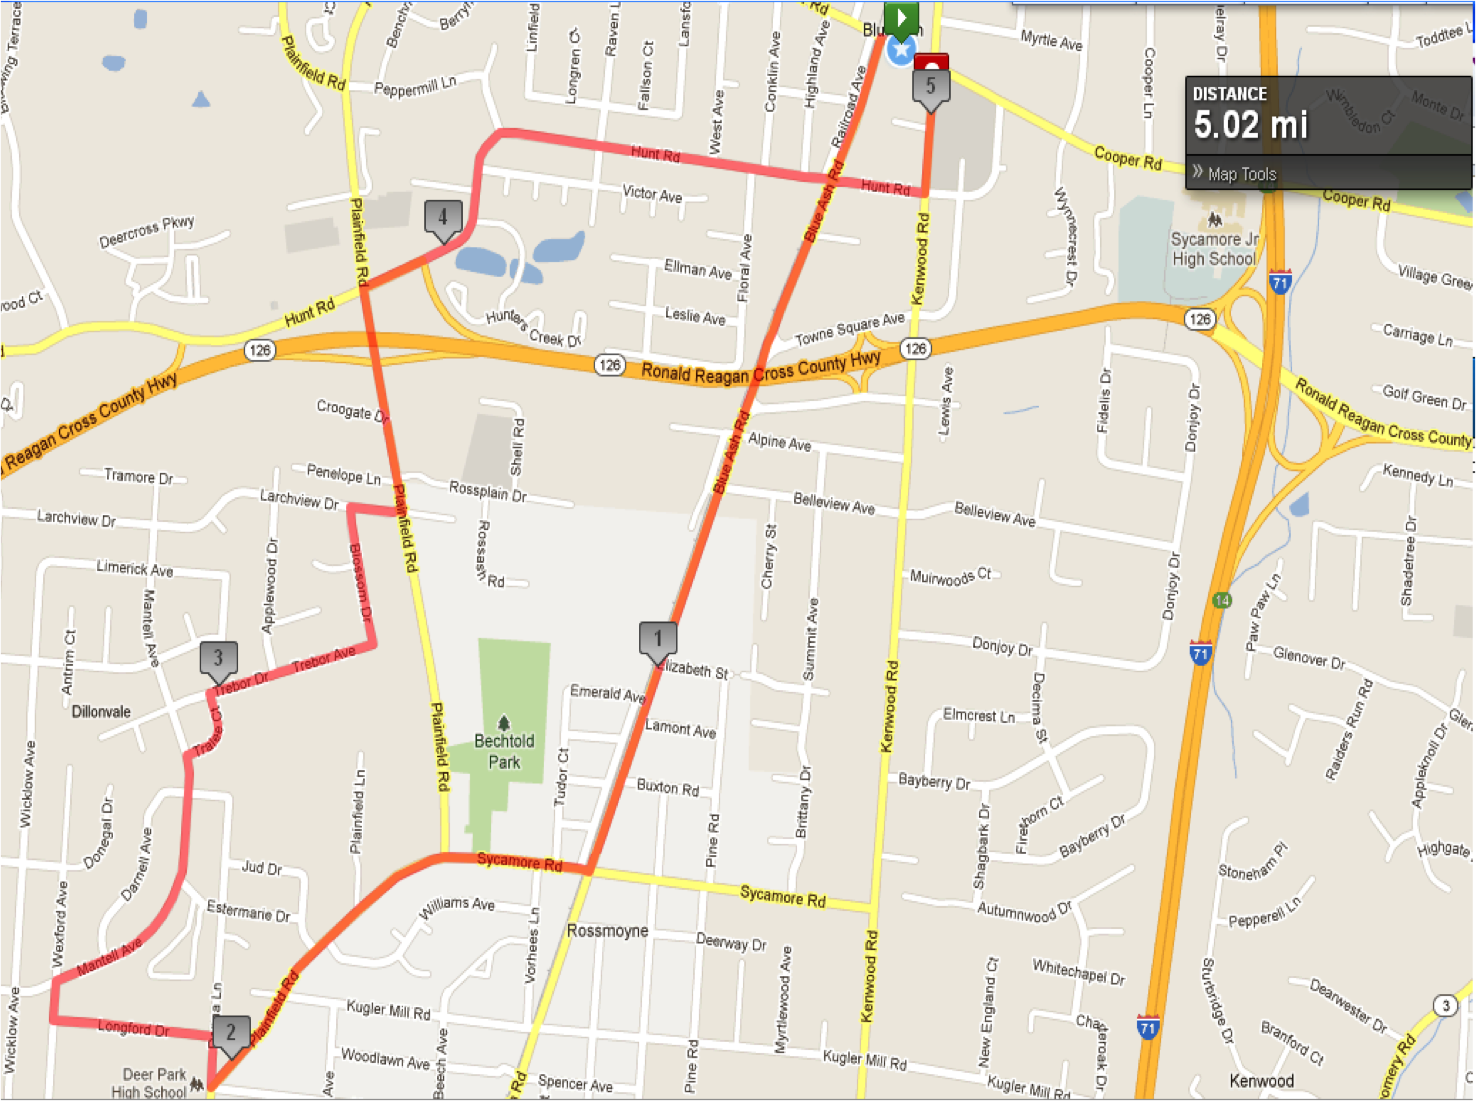 Local Running Routes - Fleet Feet Cincy